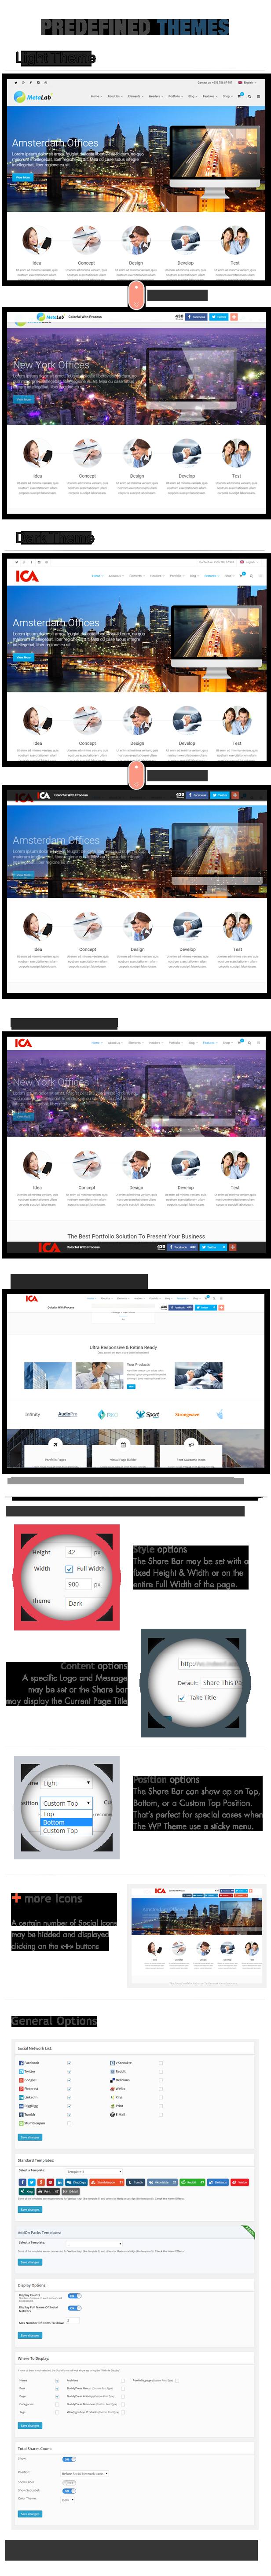 Complemento da barra superior do Social Share - WordPress - 6